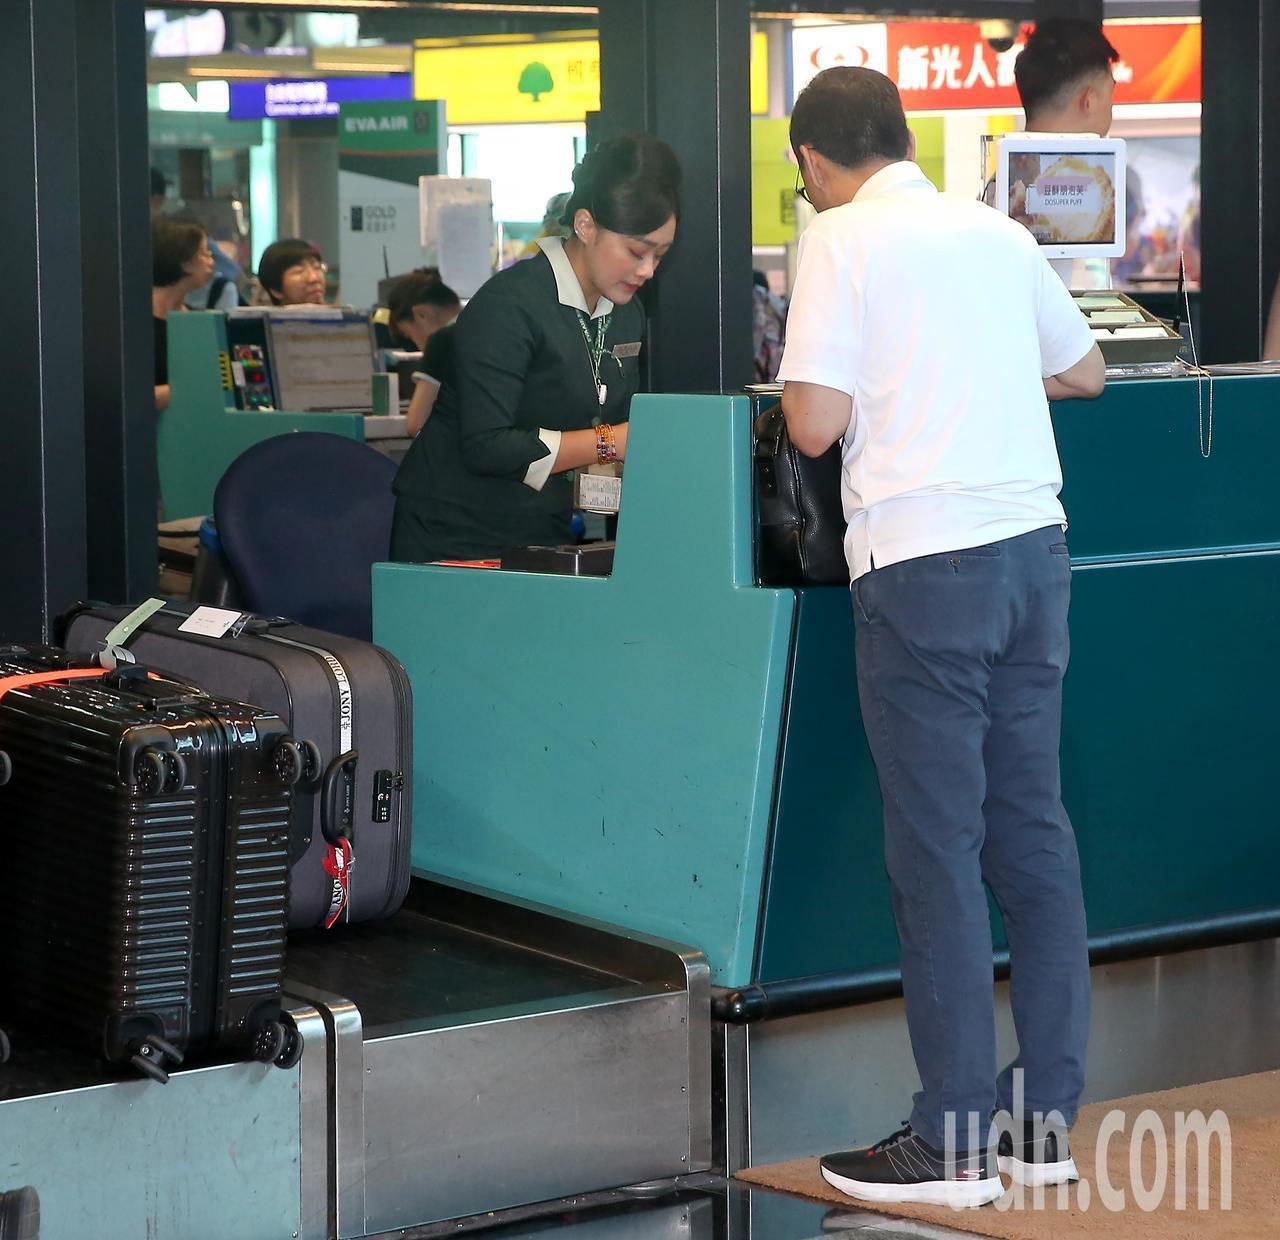 國民黨前主席朱立倫(右)14日晚間搭機前往美國訪問,在長榮航空公司櫃台辦理登機報...